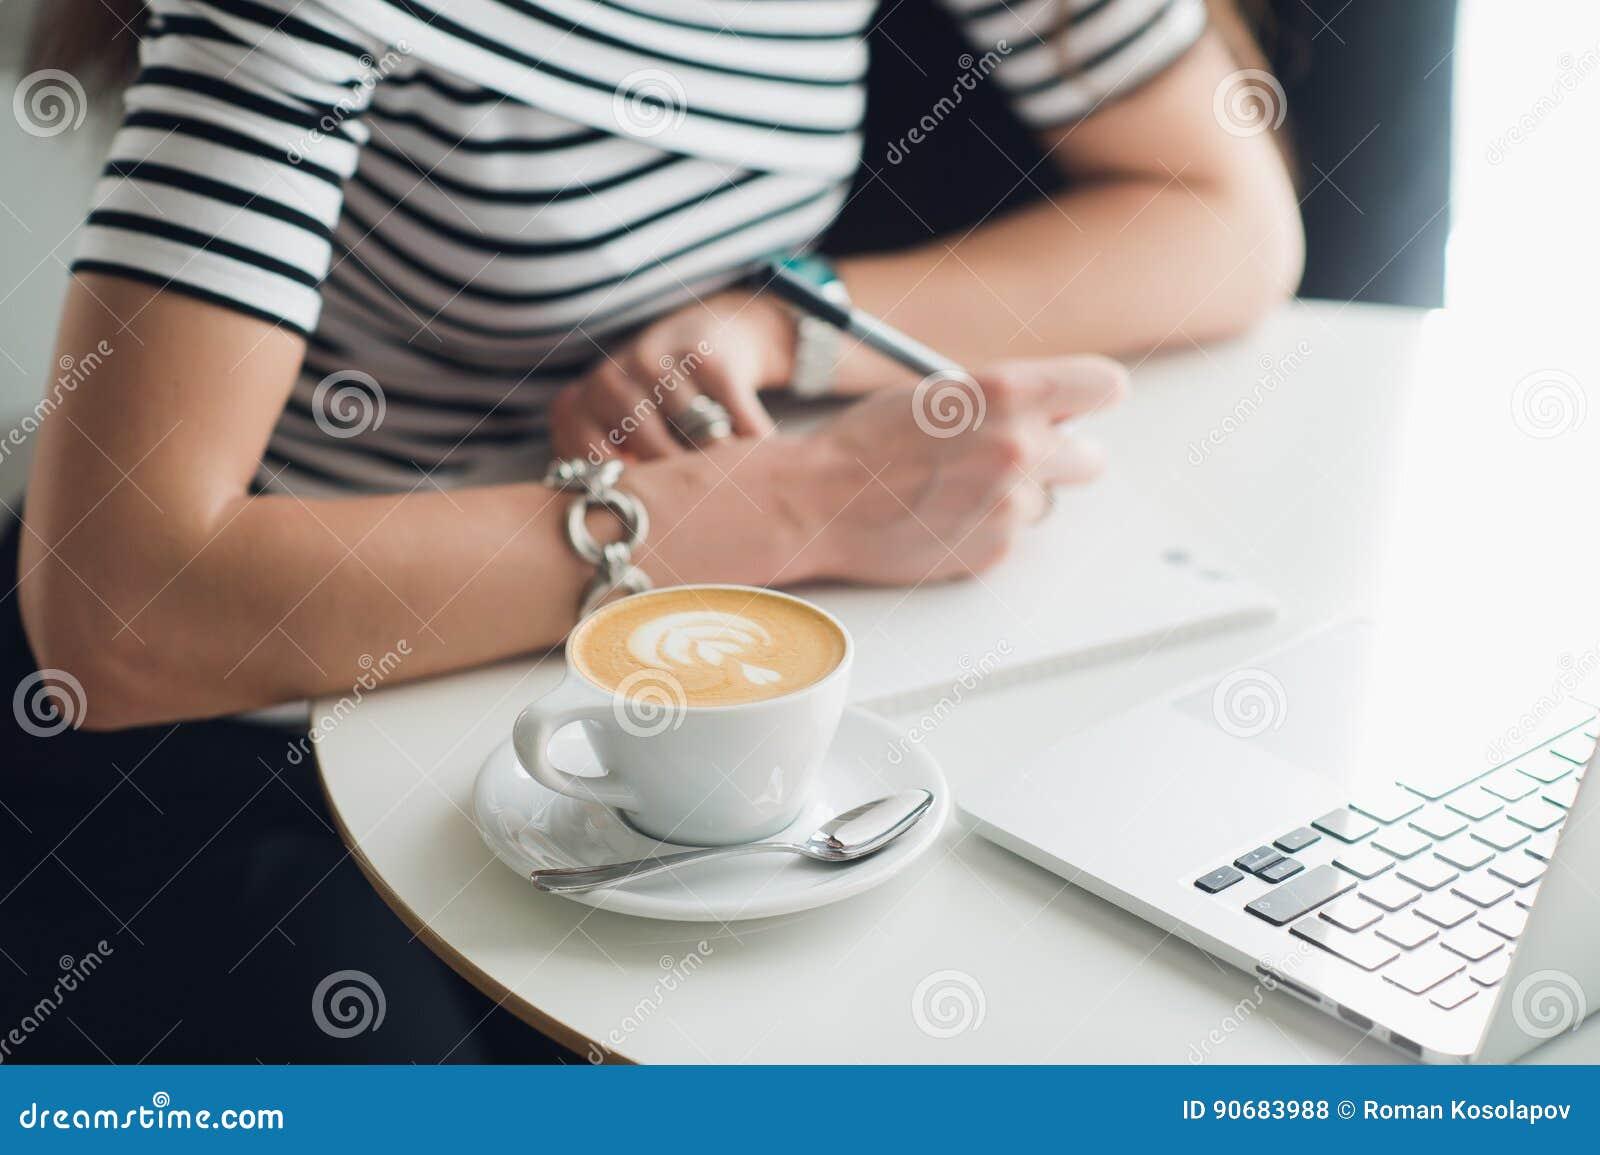 关闭一个杯子的图片与写在笔记本的样式和手的热奶咖啡 坐在咖啡馆woth a的妇女